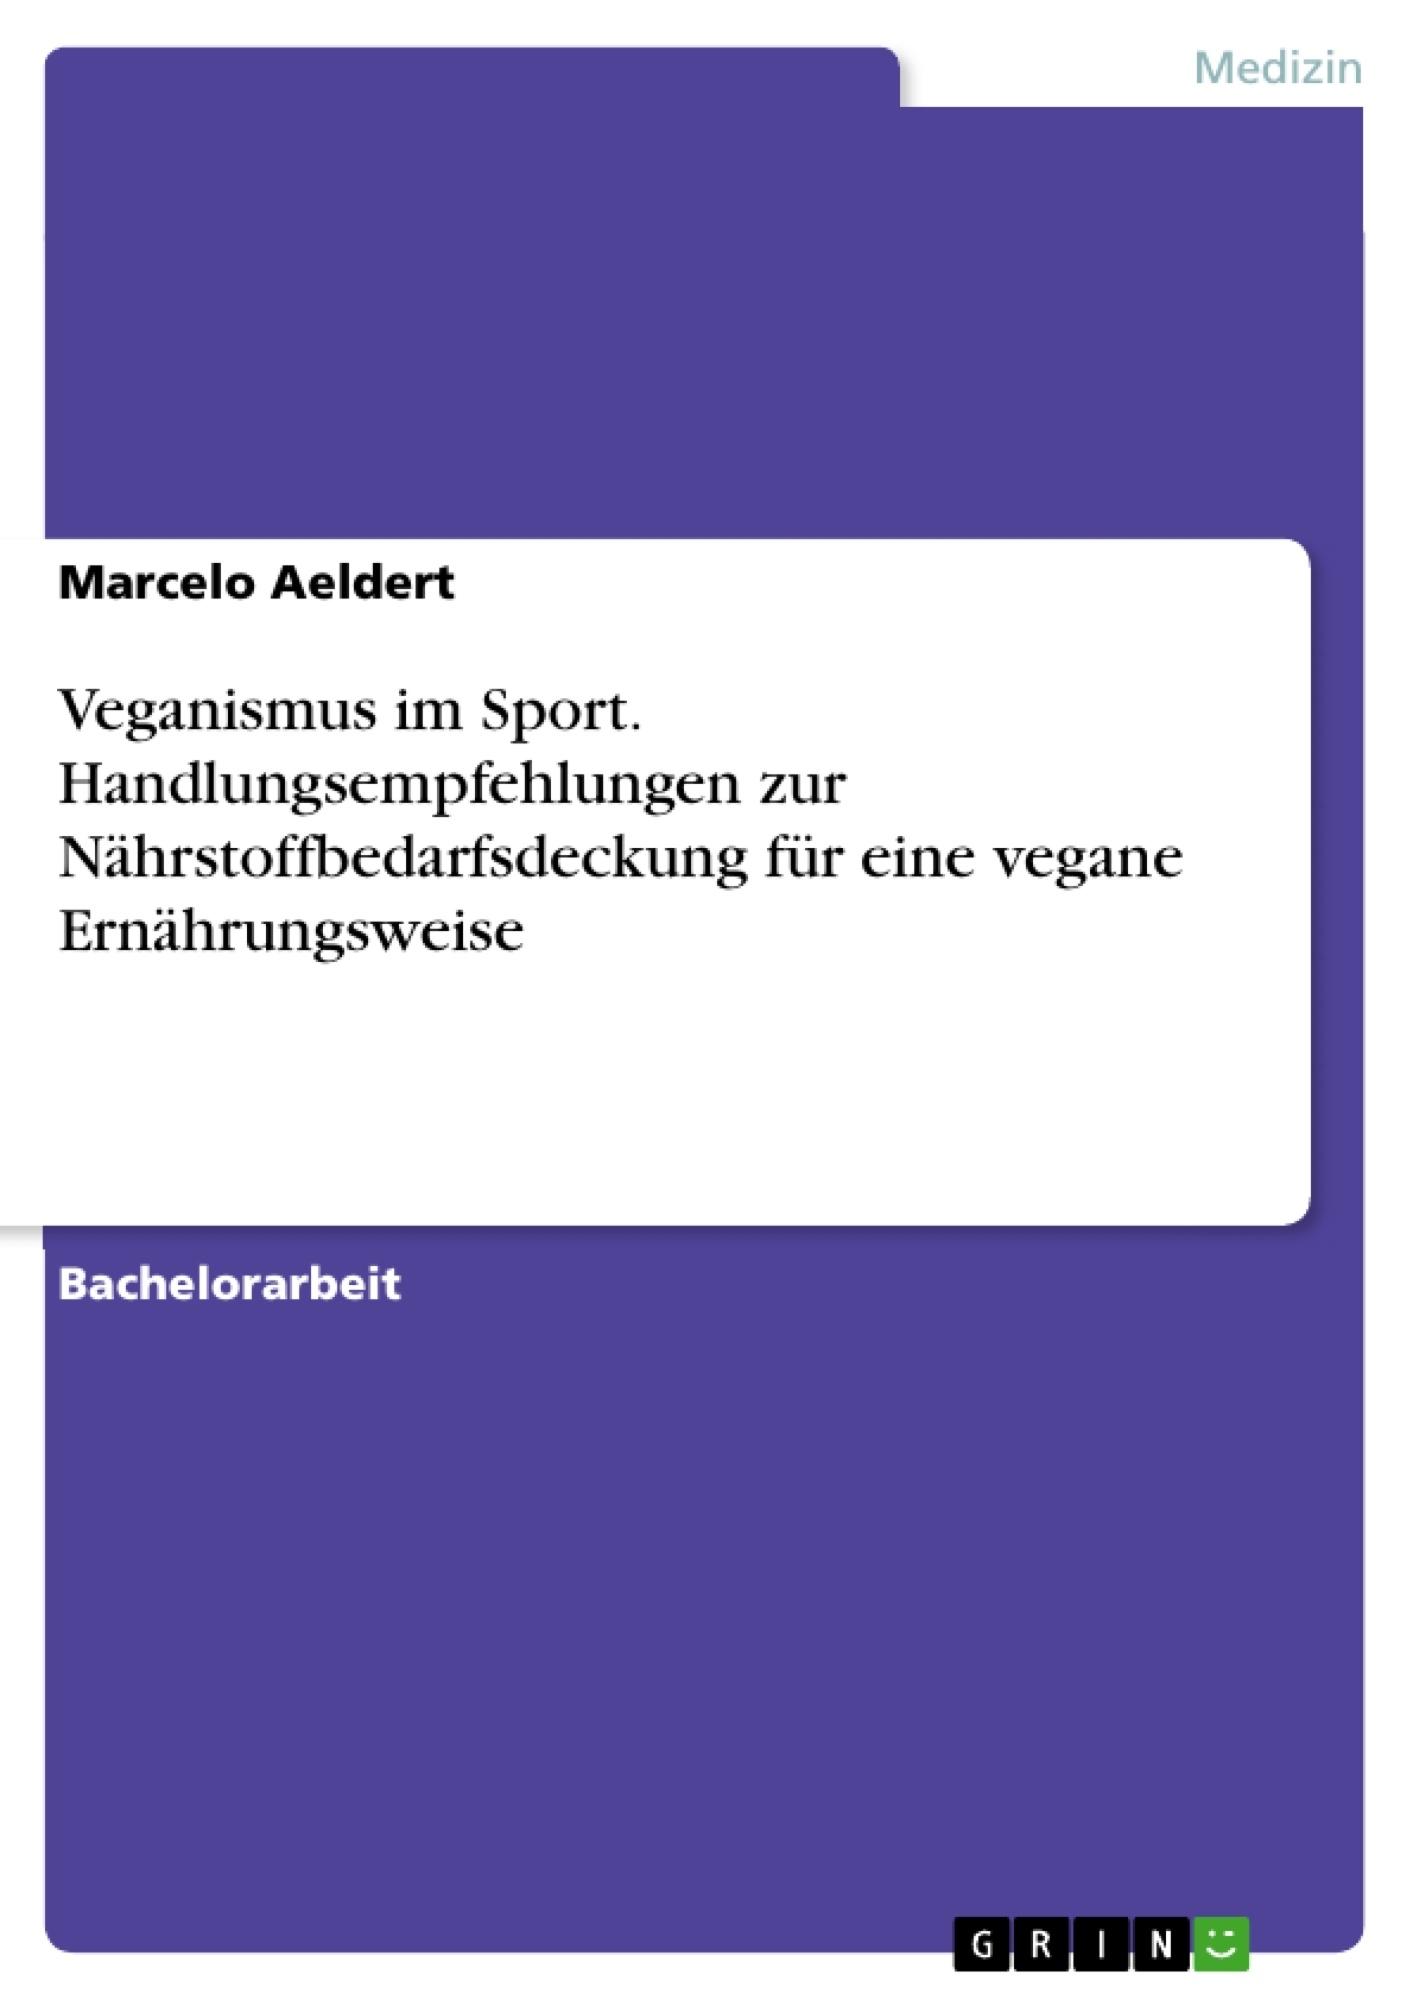 Titel: Veganismus im Sport. Handlungsempfehlungen zur Nährstoffbedarfsdeckung für eine vegane Ernährungsweise